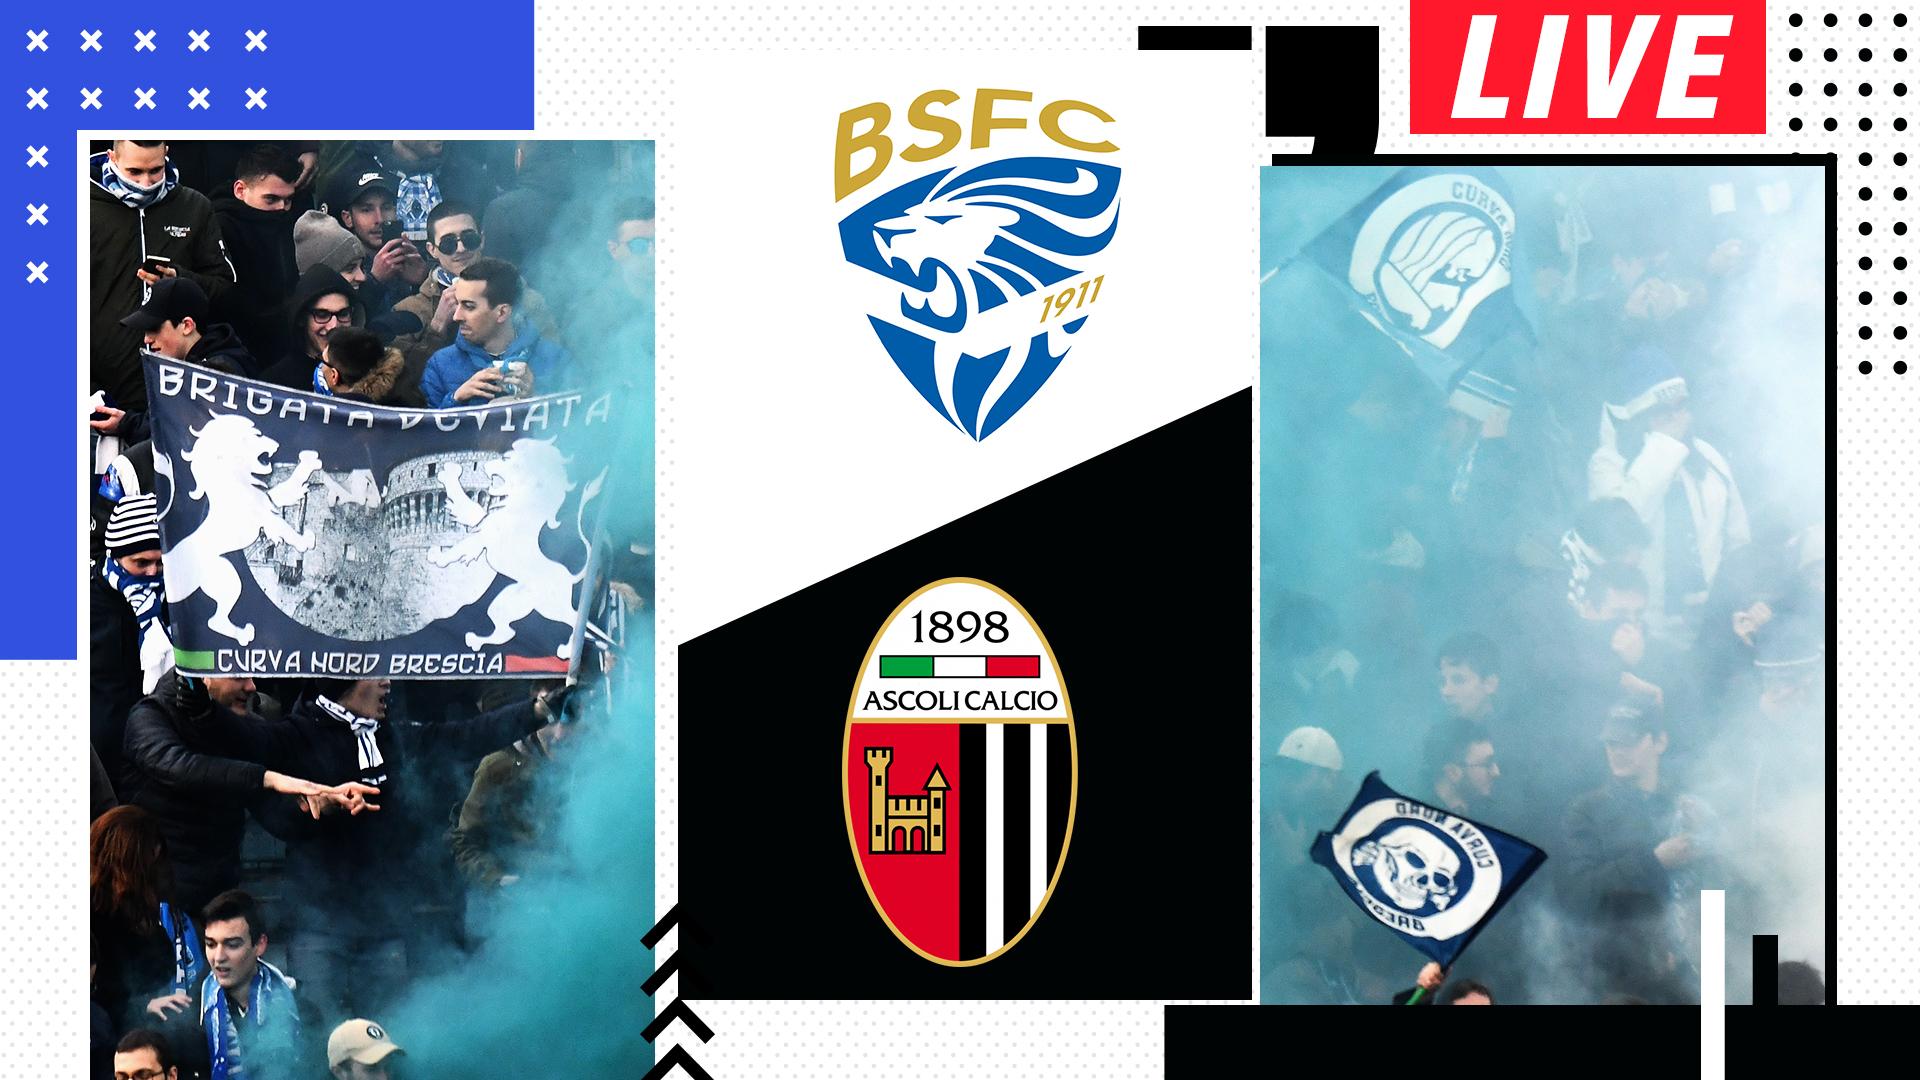 Il Brescia di Donnarumma batte l'Ascoli e ritorna in serie A